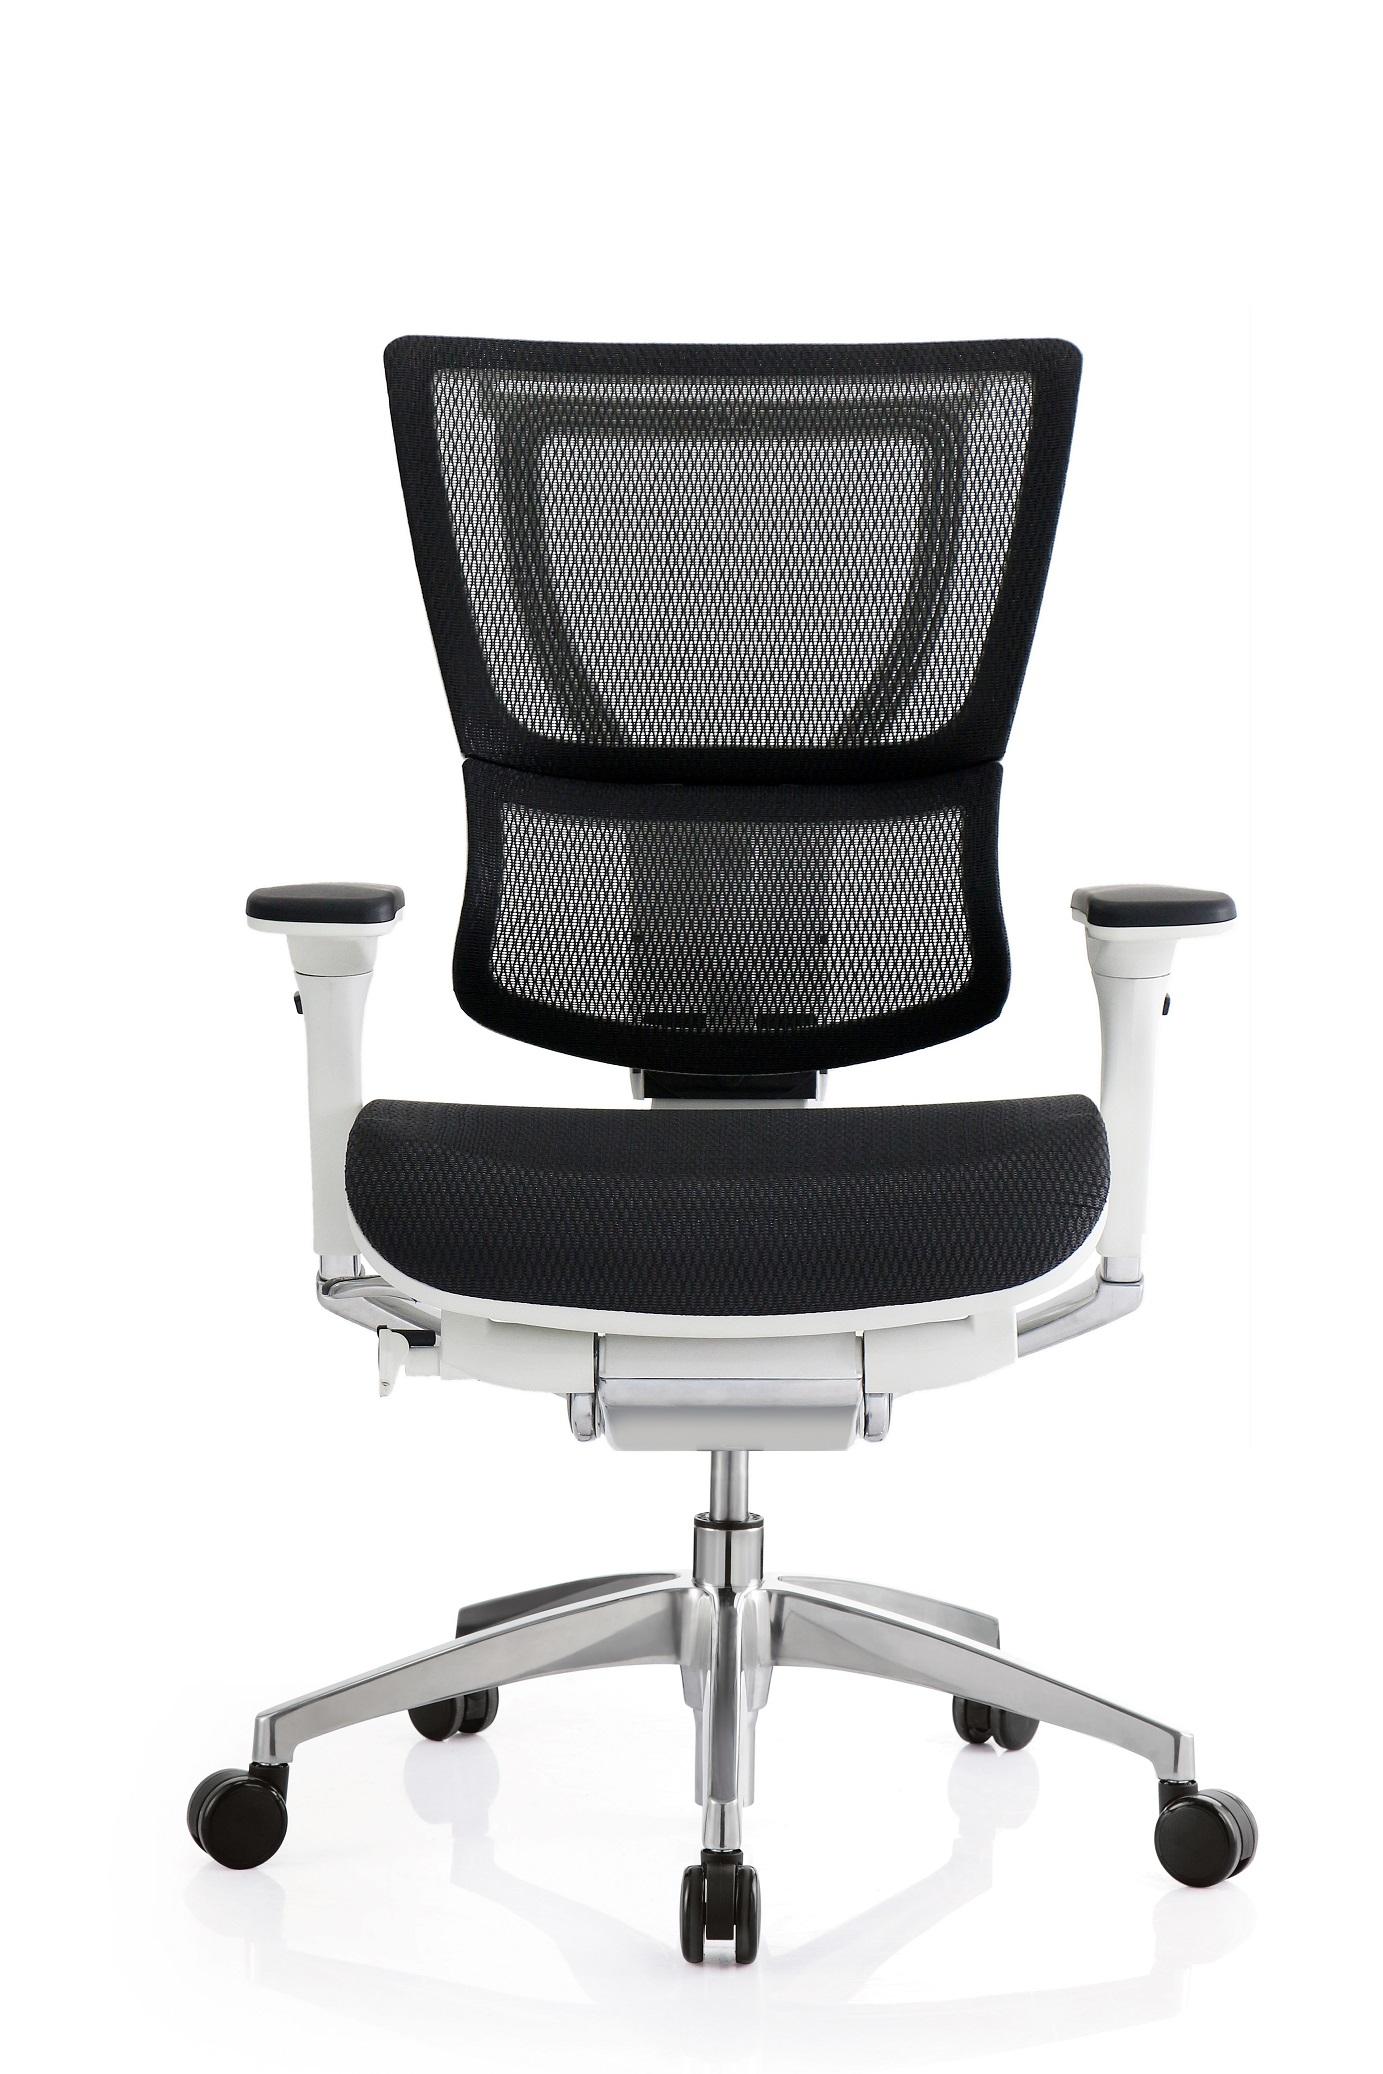 """26"""" x 26"""" x 40.8"""" White Mesh Tilt Tension Control Chair"""